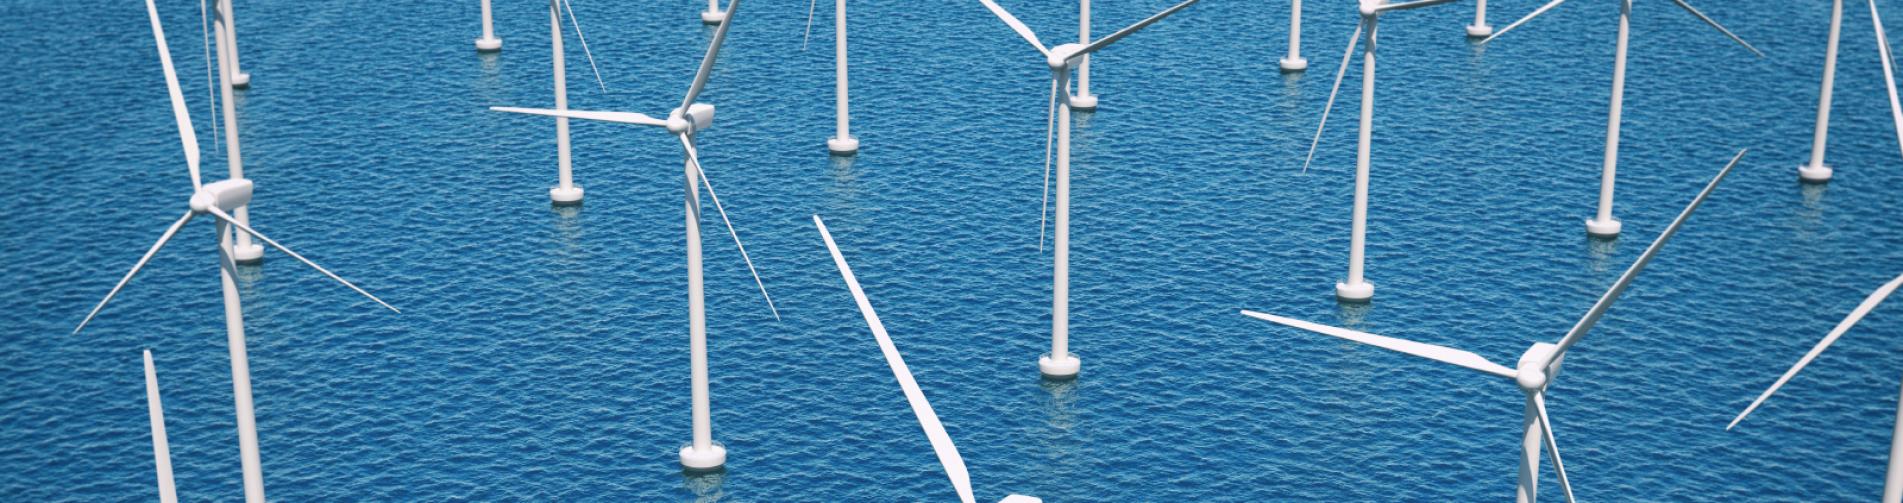 Windräder auf dem Wasser erzeugen Energie